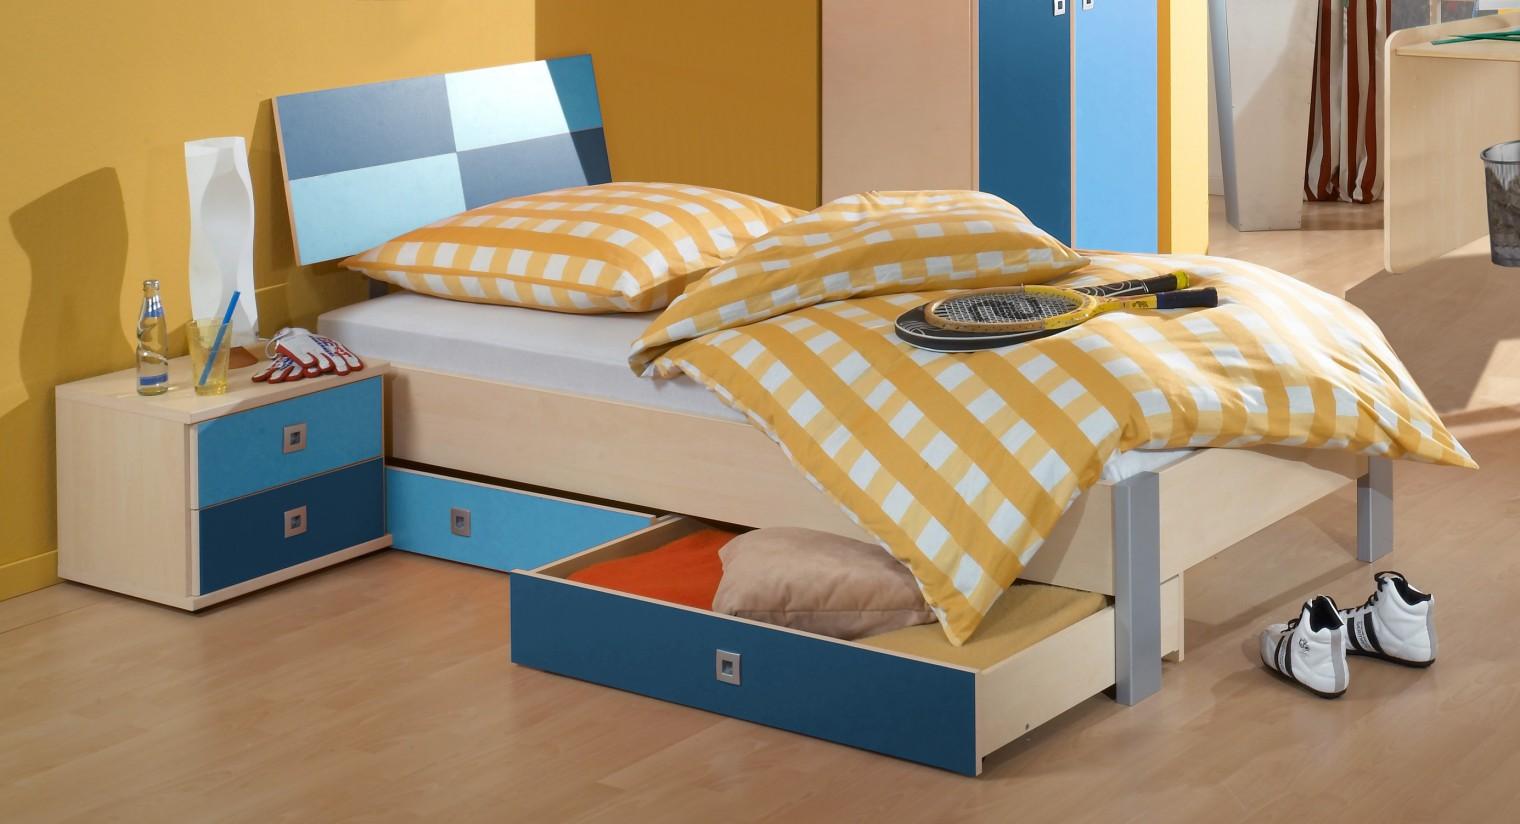 Klasická posteľ Sunny - Posteľ, 90x200, s úložným priestorom (námornícka modrá)